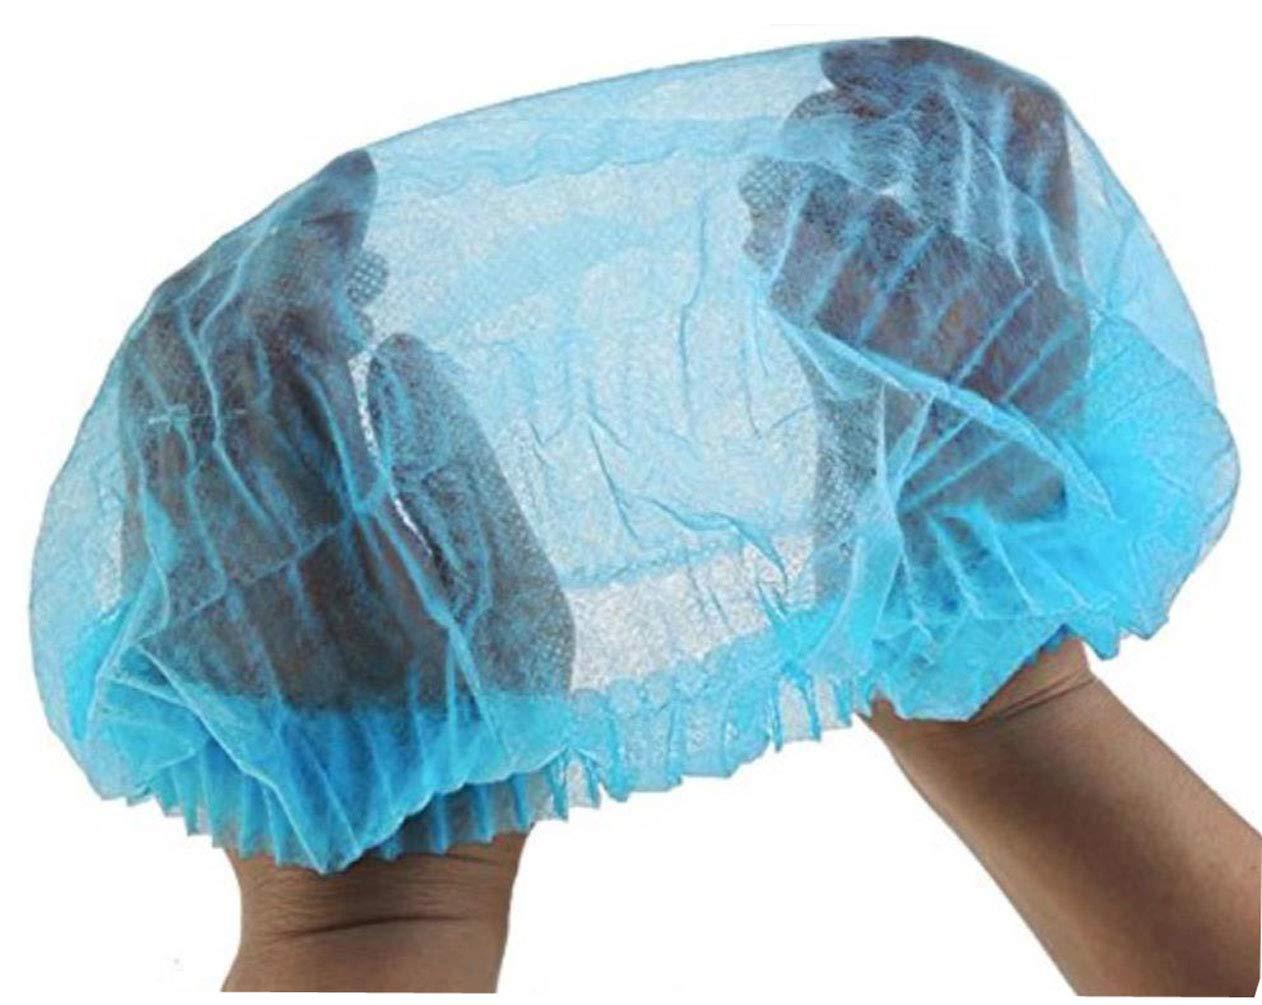 100PCS Disposable Work Shop Hat Head Cover Dust Cap Headbands Hairwear Hair Net Accessory For Doctors Nurses Cook Food Service (Blue)